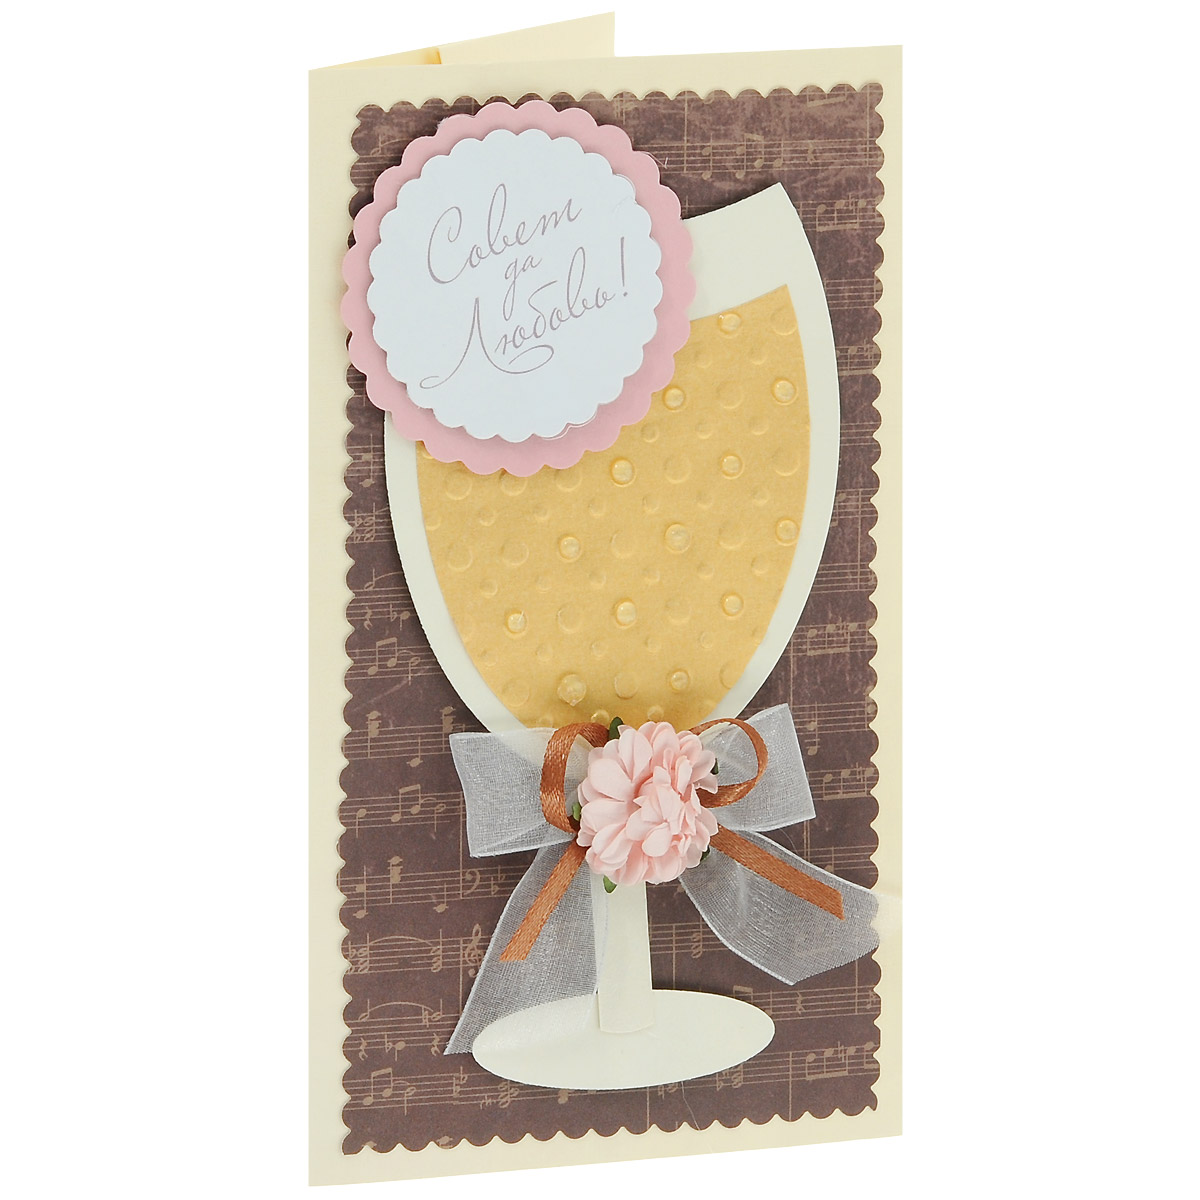 ОСВ-0007 Открытка-конверт «Совет да Любовь!» (бокал). Студия «Тётя Роза»94996Характеристики: Размер 19 см x 11 см.Материал: Высоко-художественный картон, бумага, декор. Данная открытка может стать как прекрасным дополнением к вашему подарку, так и самостоятельным подарком. Так как открытка является и конвертом, в который вы можете вложить ваш денежный подарок или просто написать ваши пожелания на вкладыше. В основе композиционного решения этого свадебного поздравления лежит идея веселого праздничного застолья с большими бокалами наполненными до краёв янтарными напитками. Музыка, цветы и пышные ленты, использованные в дизайне этого конверта, - все это атрибуты праздника, который надолго остается в наших воспоминаниях. Также открытка упакована в пакетик для сохранности.Обращаем Ваше внимание на то, что открытка может незначительно отличаться от представленной на фото. Открытки ручной работы от студии Тётя Роза отличаются своим неповторимым и ярким стилем. Каждая уникальна и выполнена вручную мастерами студии. (Открытка для мужчин, открытка для женщины, открытка на день рождения, открытка с днем свадьбы, открытка винтаж, открытка с юбилеем, открытка на все случаи, скрапбукинг)